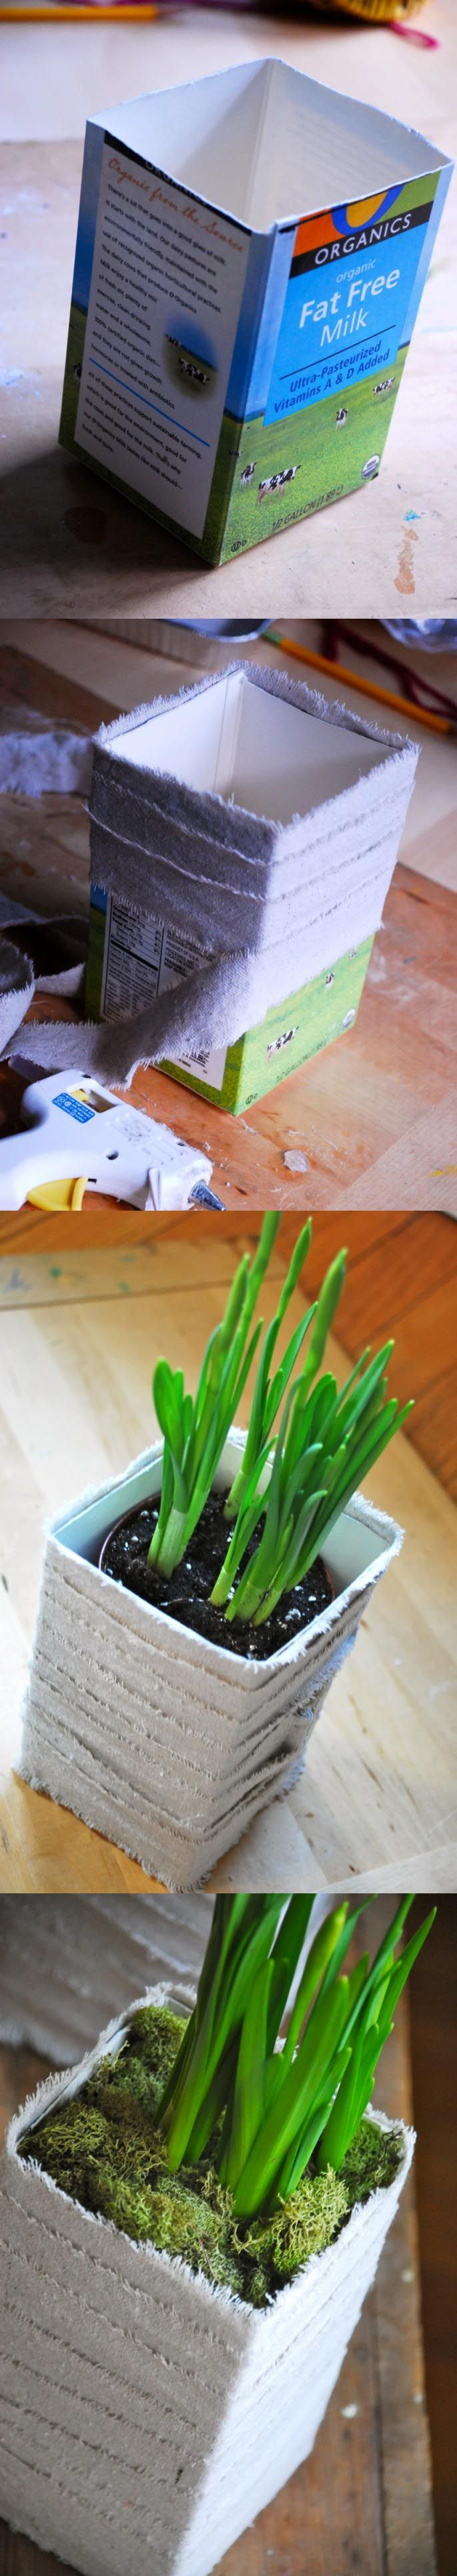 Cómo+hacer+una+maceta+reciclando+un+tetrabrick